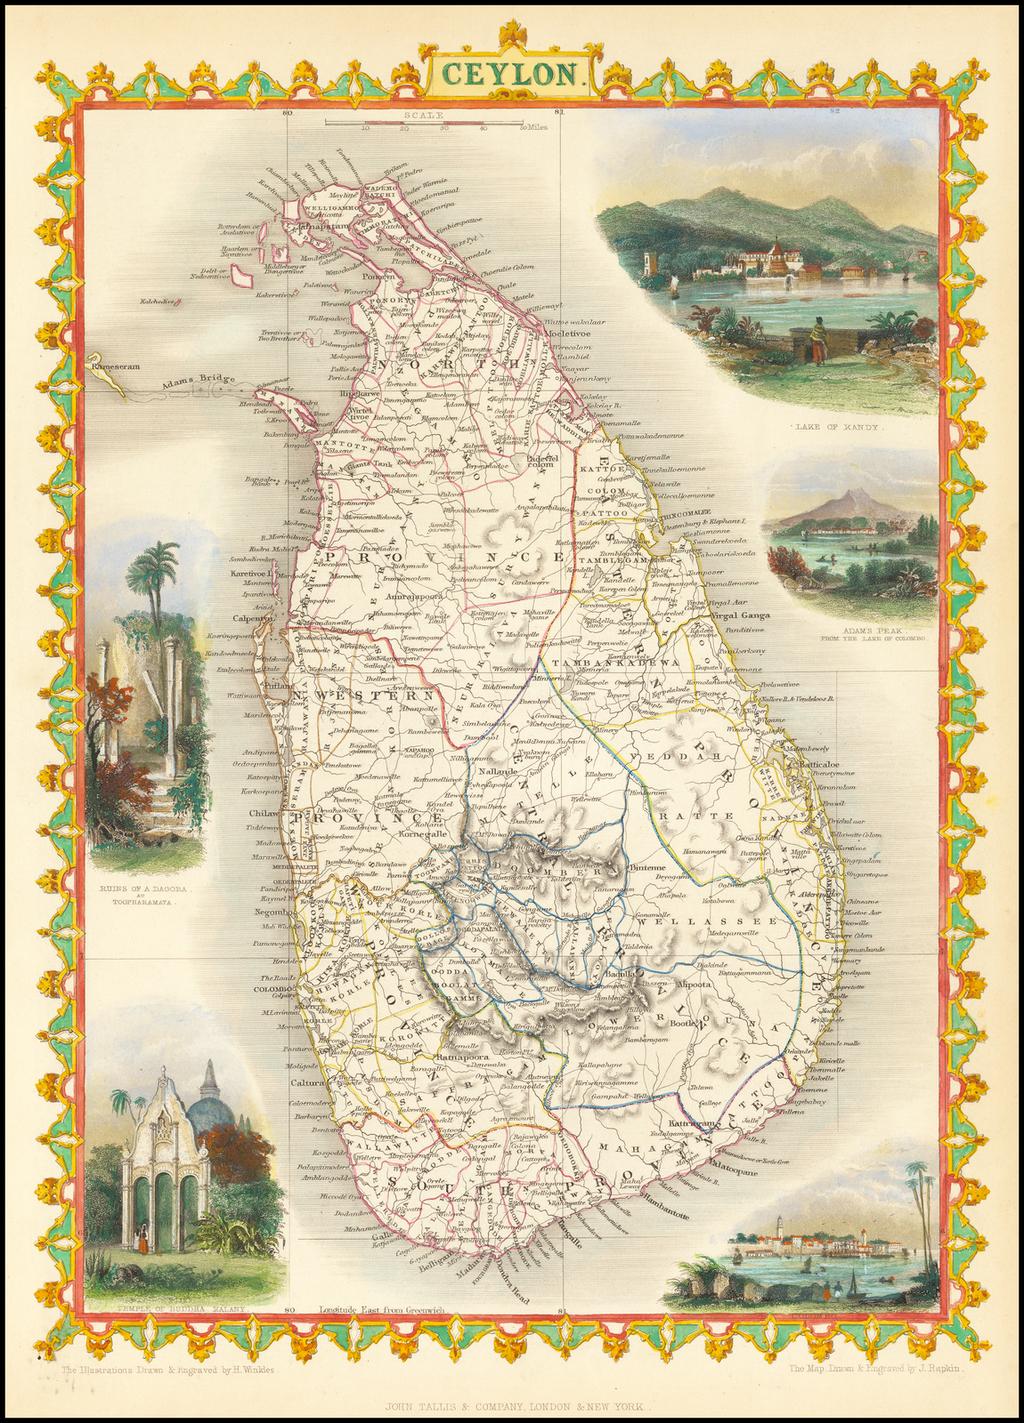 Ceylon By John Tallis